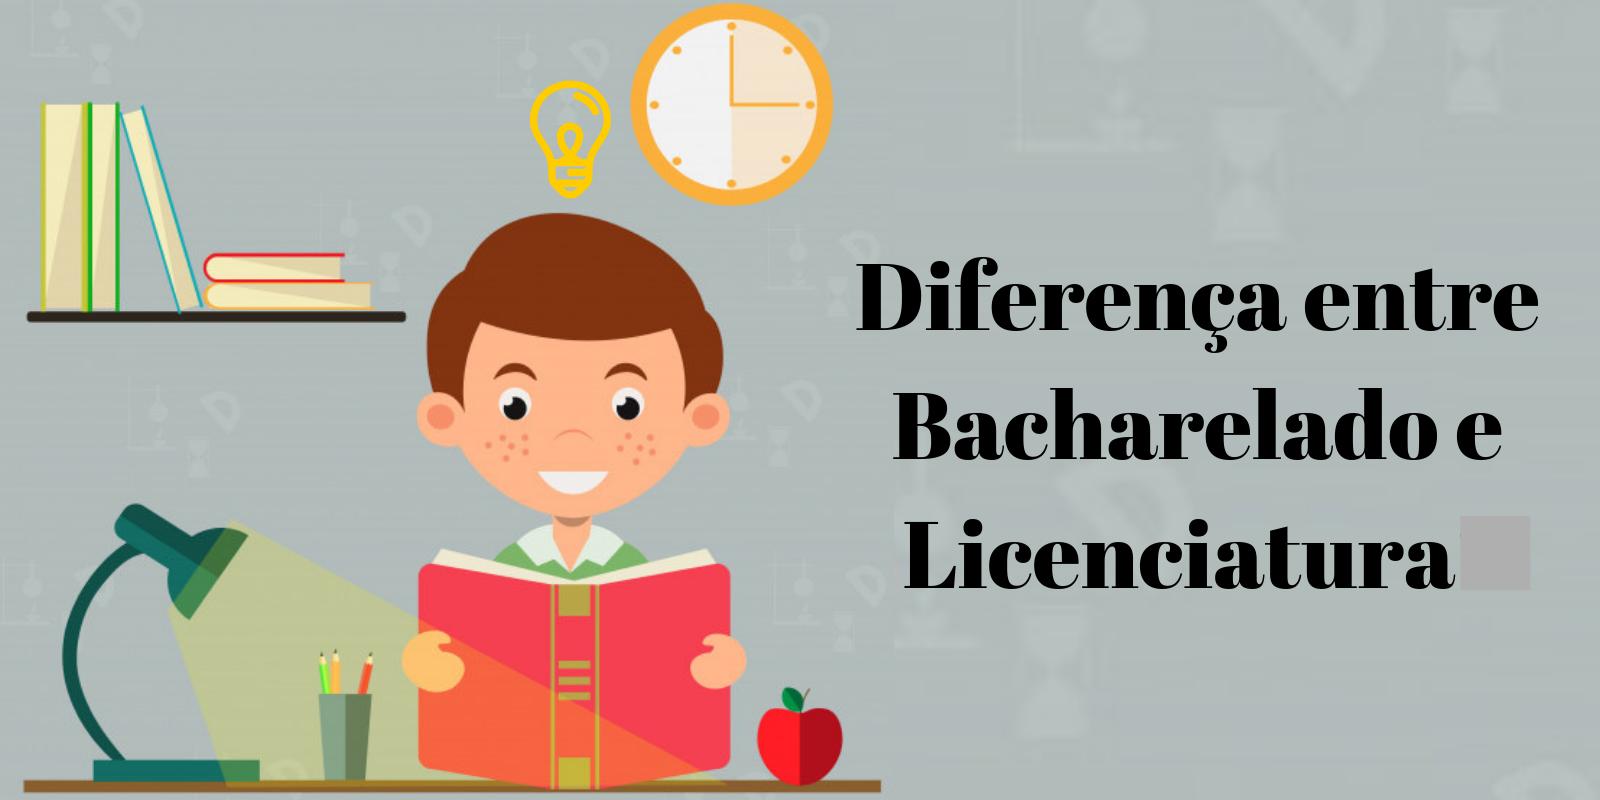 Diferença entre Bacharelado e Licenciatura